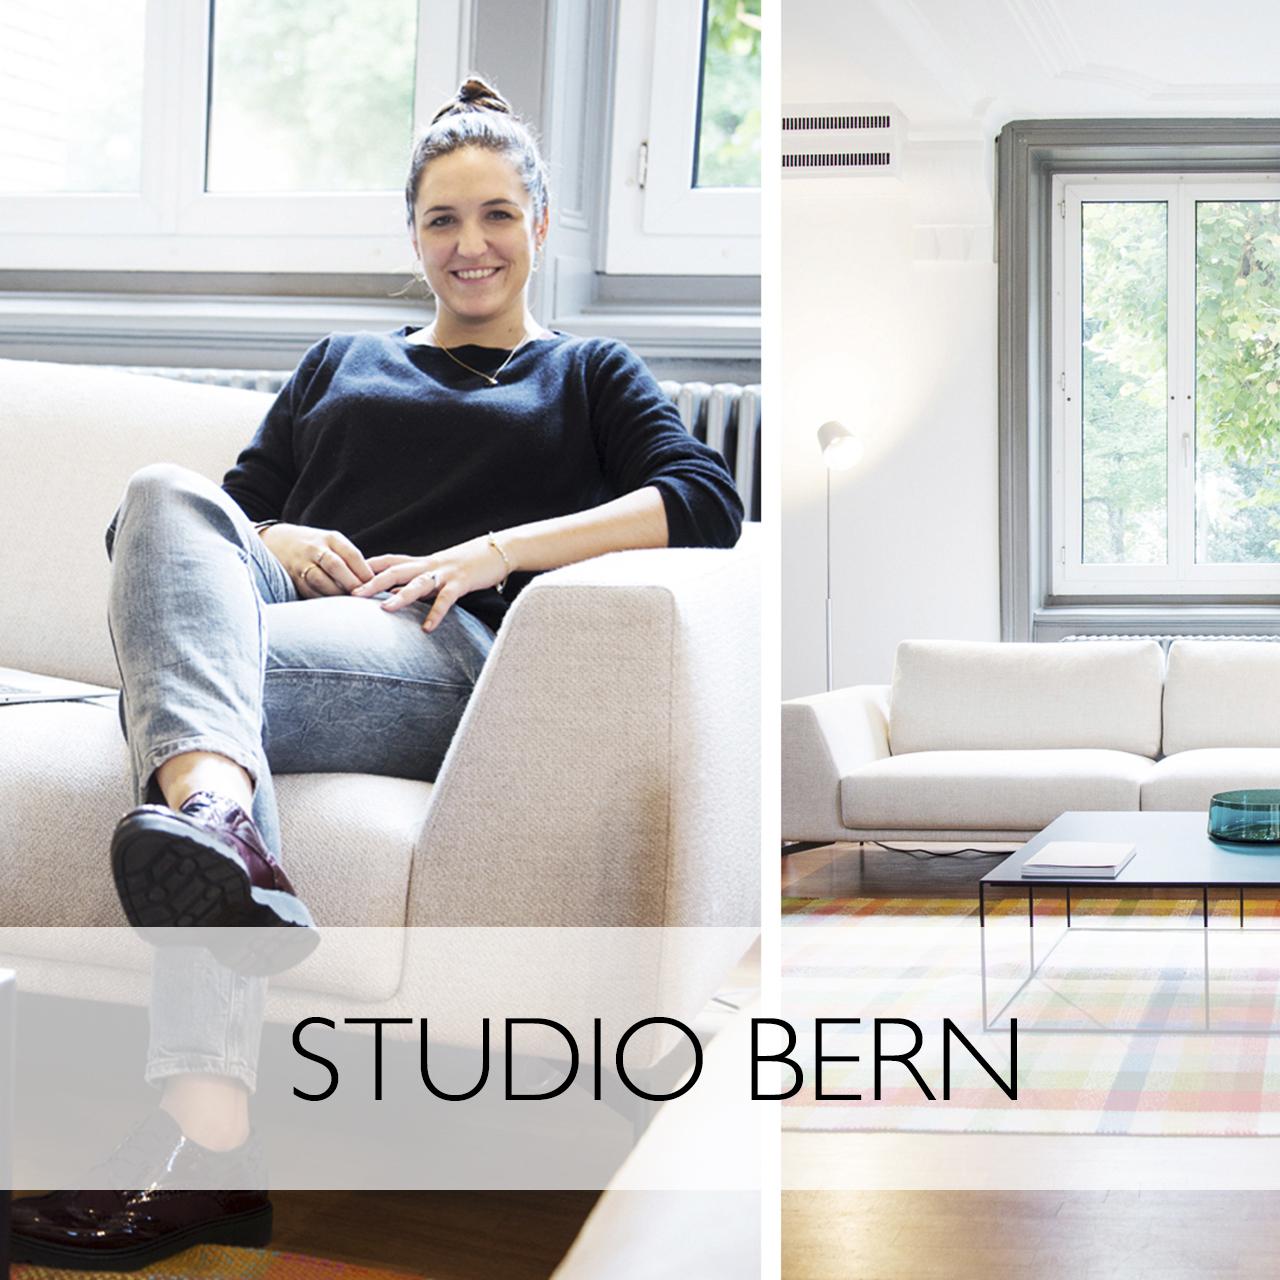 Bern studio